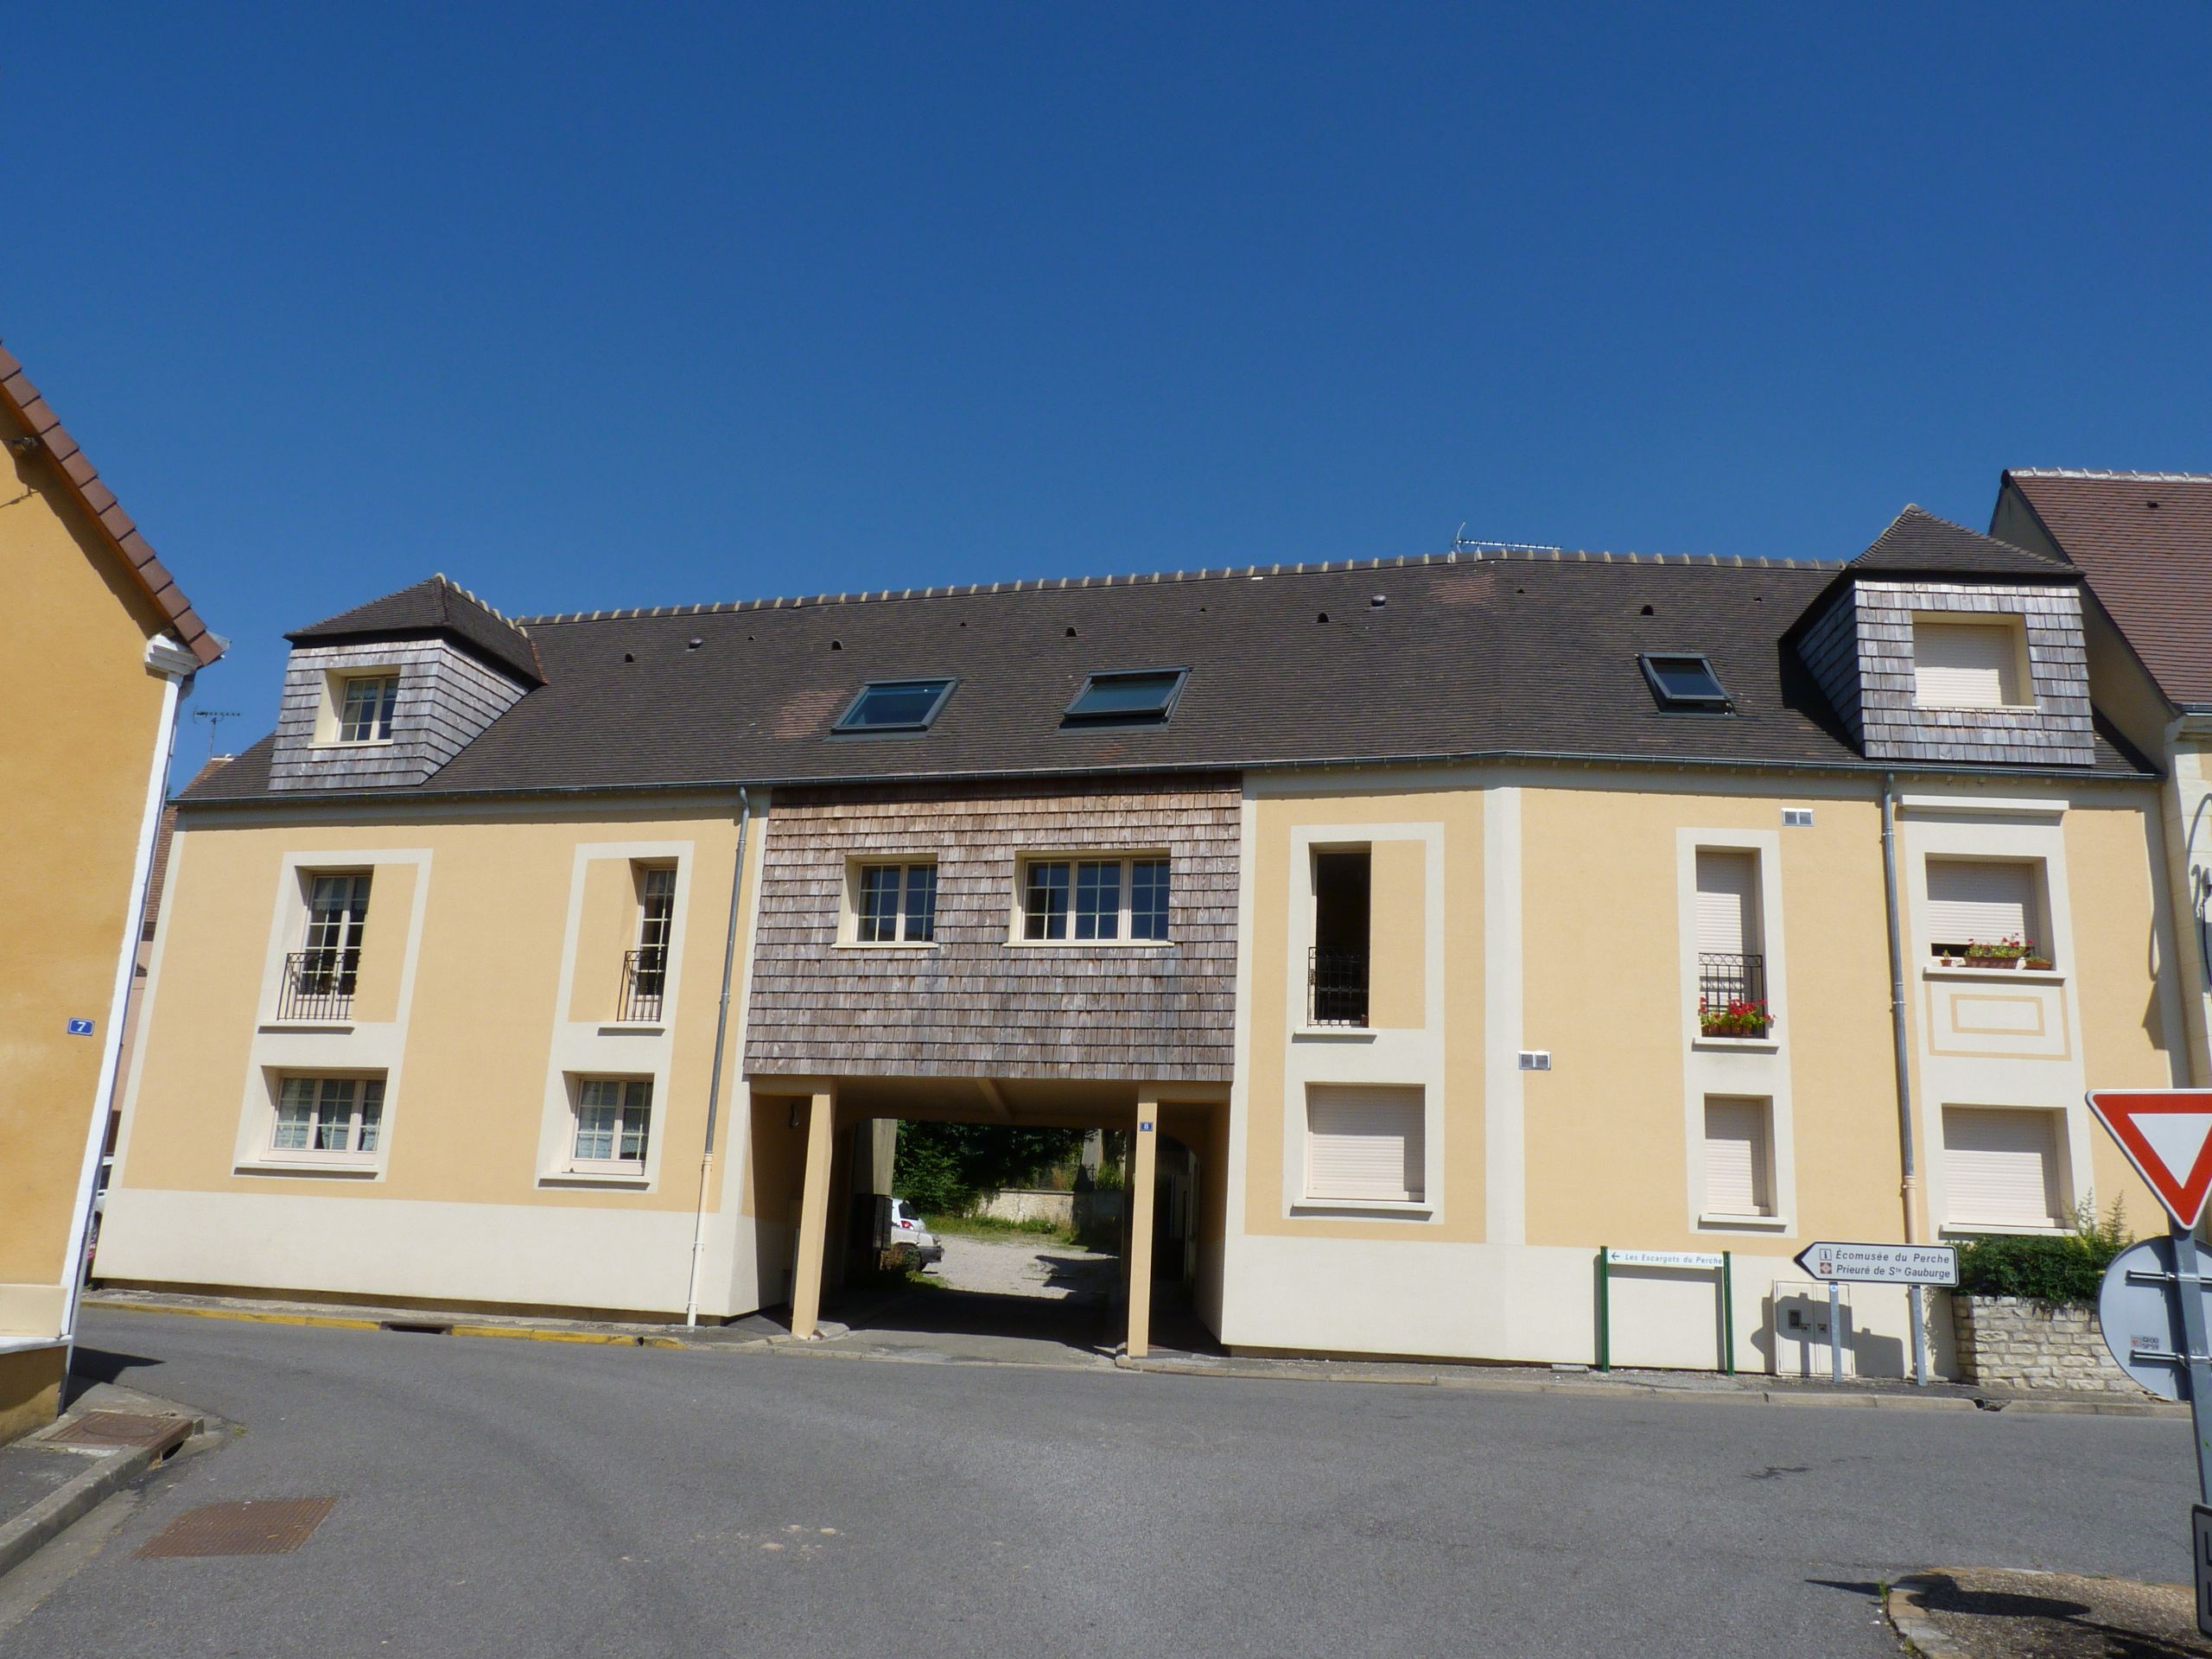 Logement pr aux locataion appartement t1 for Entretien exterieur locataire